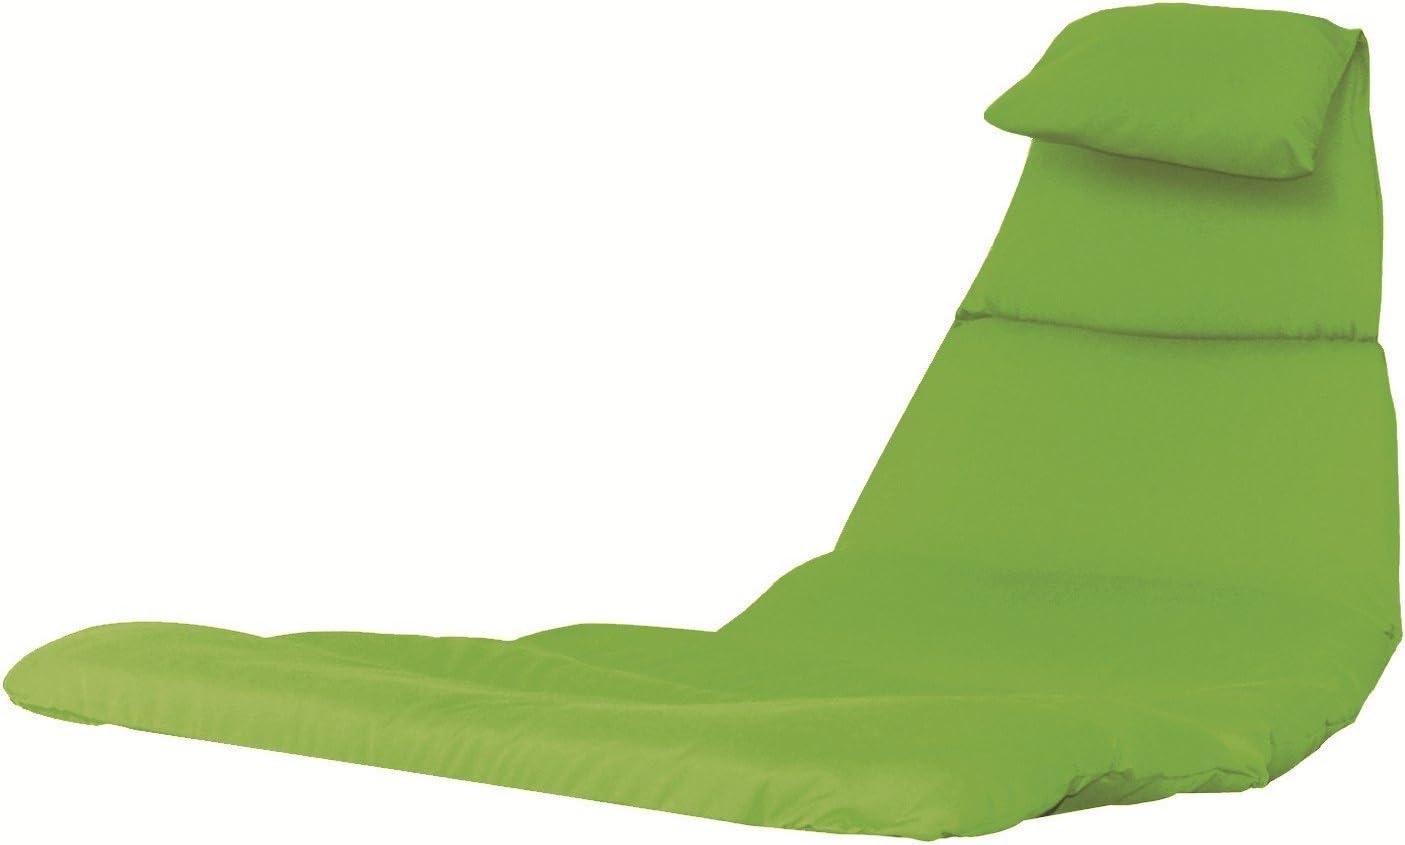 Vivere Dream Series Furniture Cushion, Green Apple